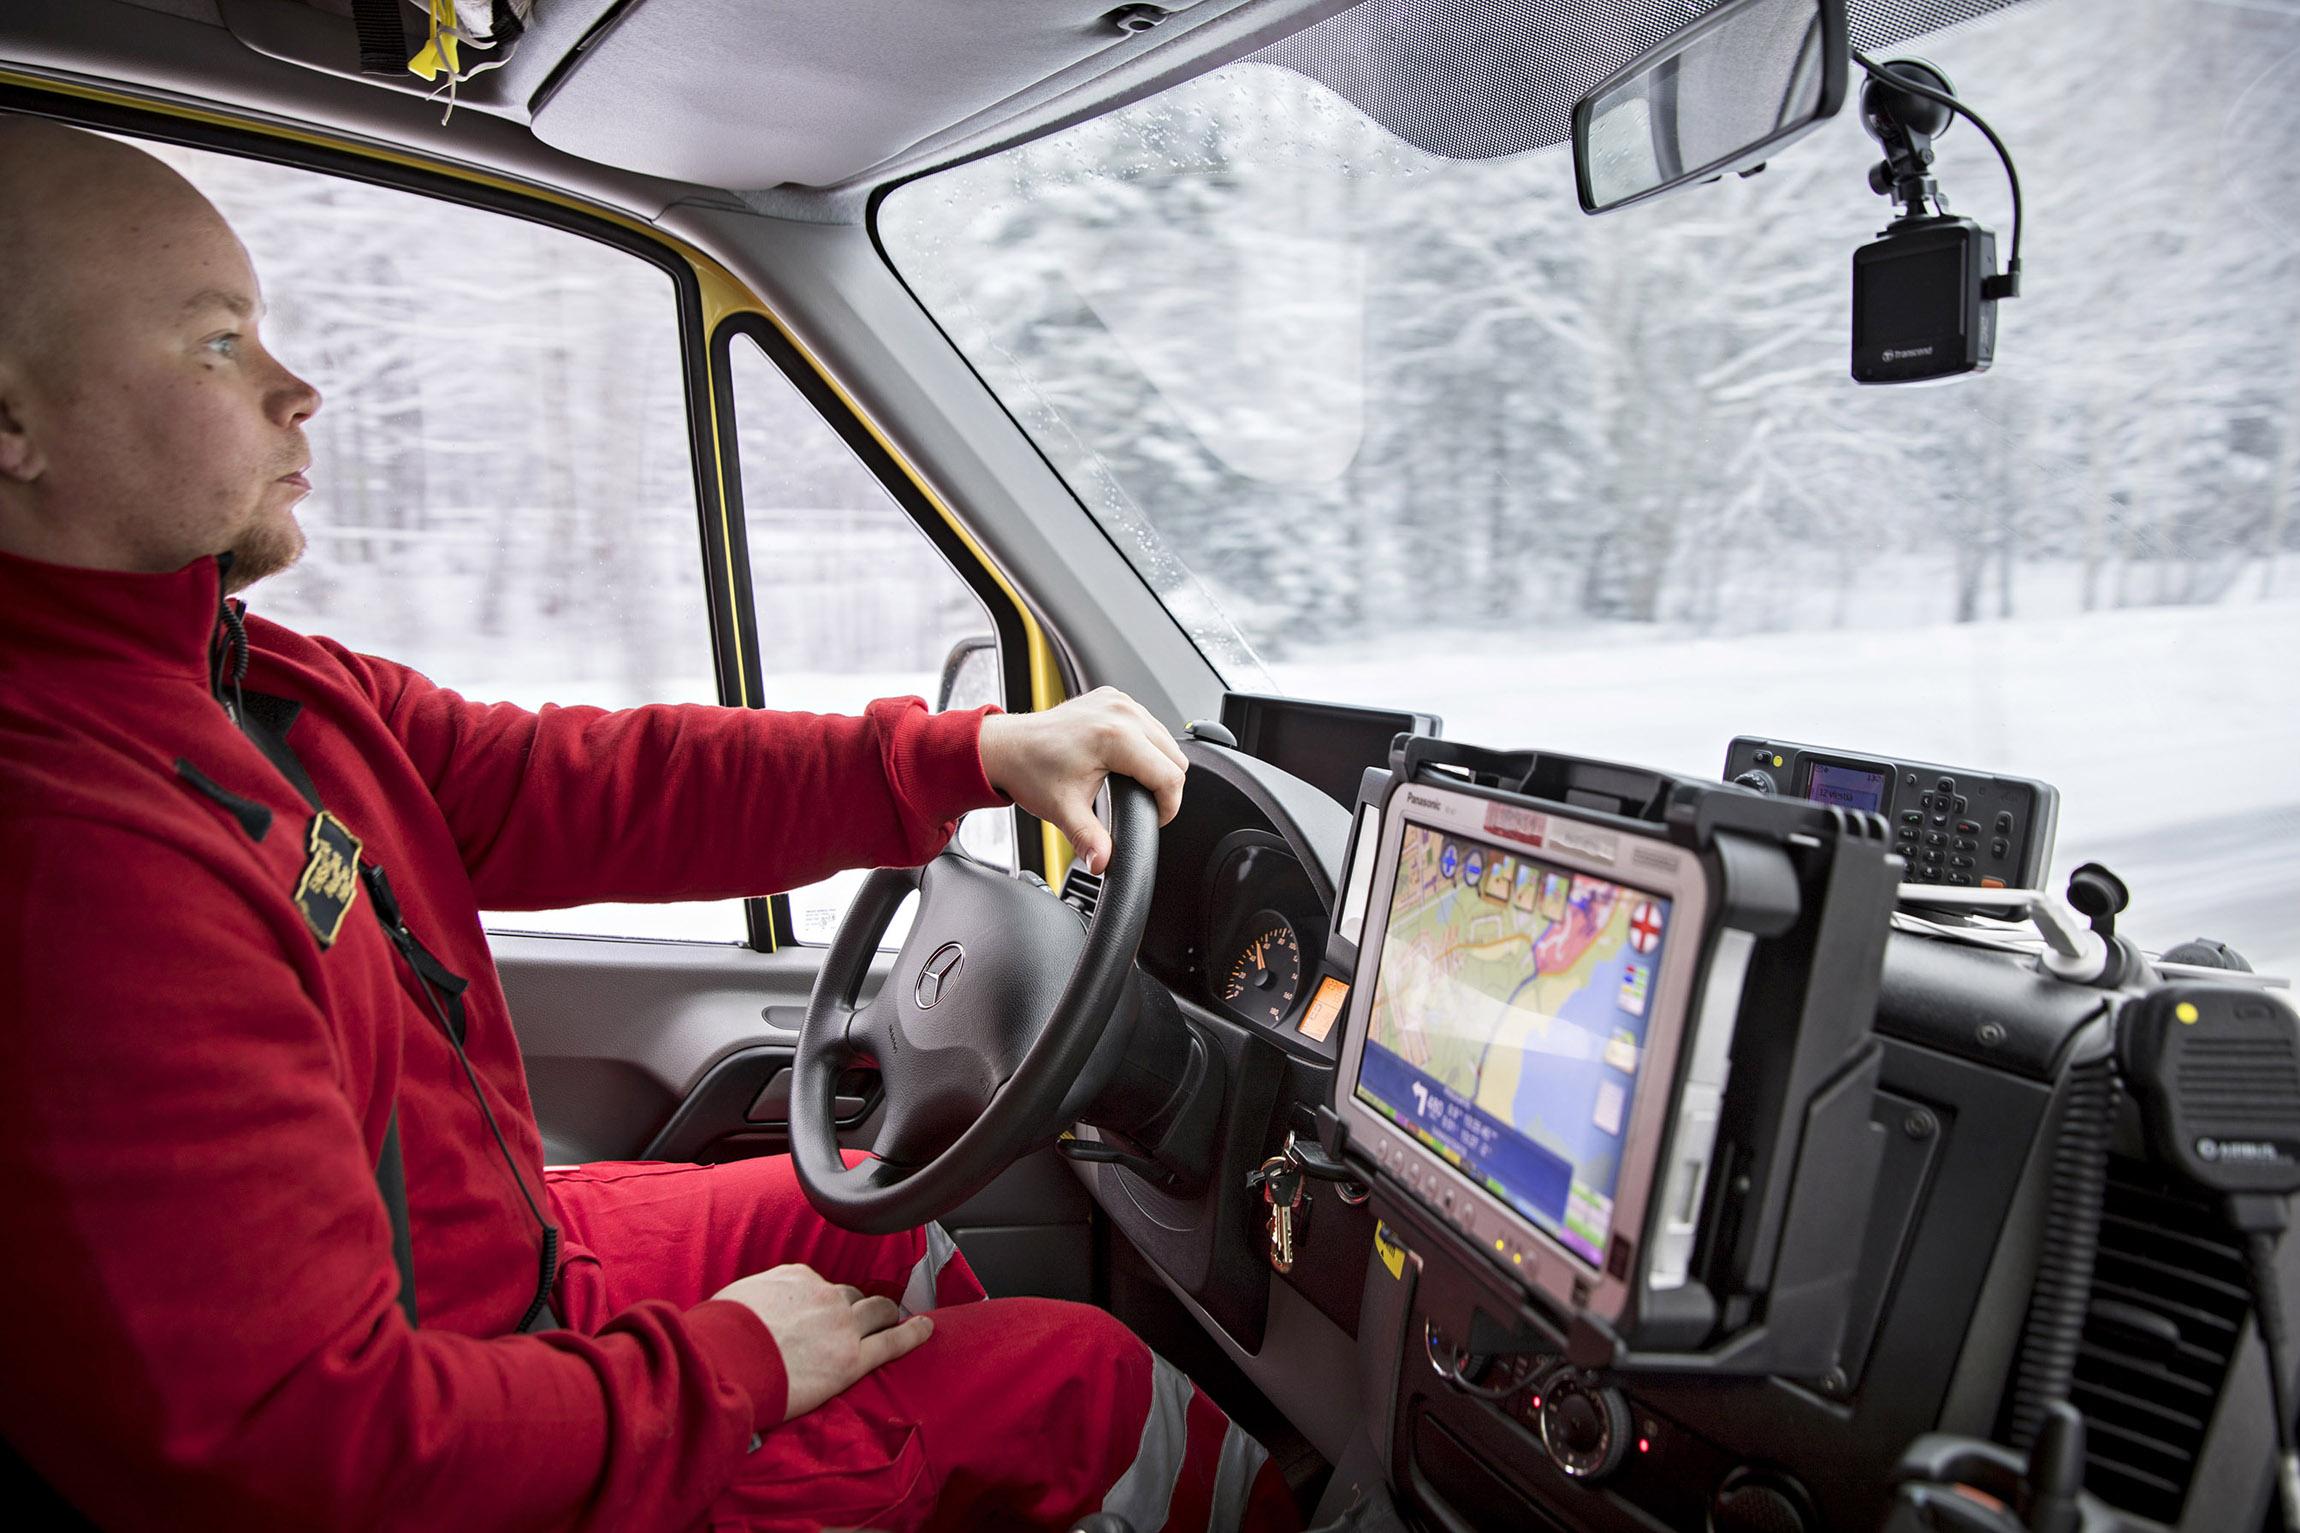 """Lumipyry tekee tänään ajokelistä liukkaan. """"Hälytysajossa jos ajaa sillä mentaliteetilla, että kukaan ei näe eikä kuule mitään, niin harvemmin sattuu mitään"""", Timo Hänninen sanoo."""